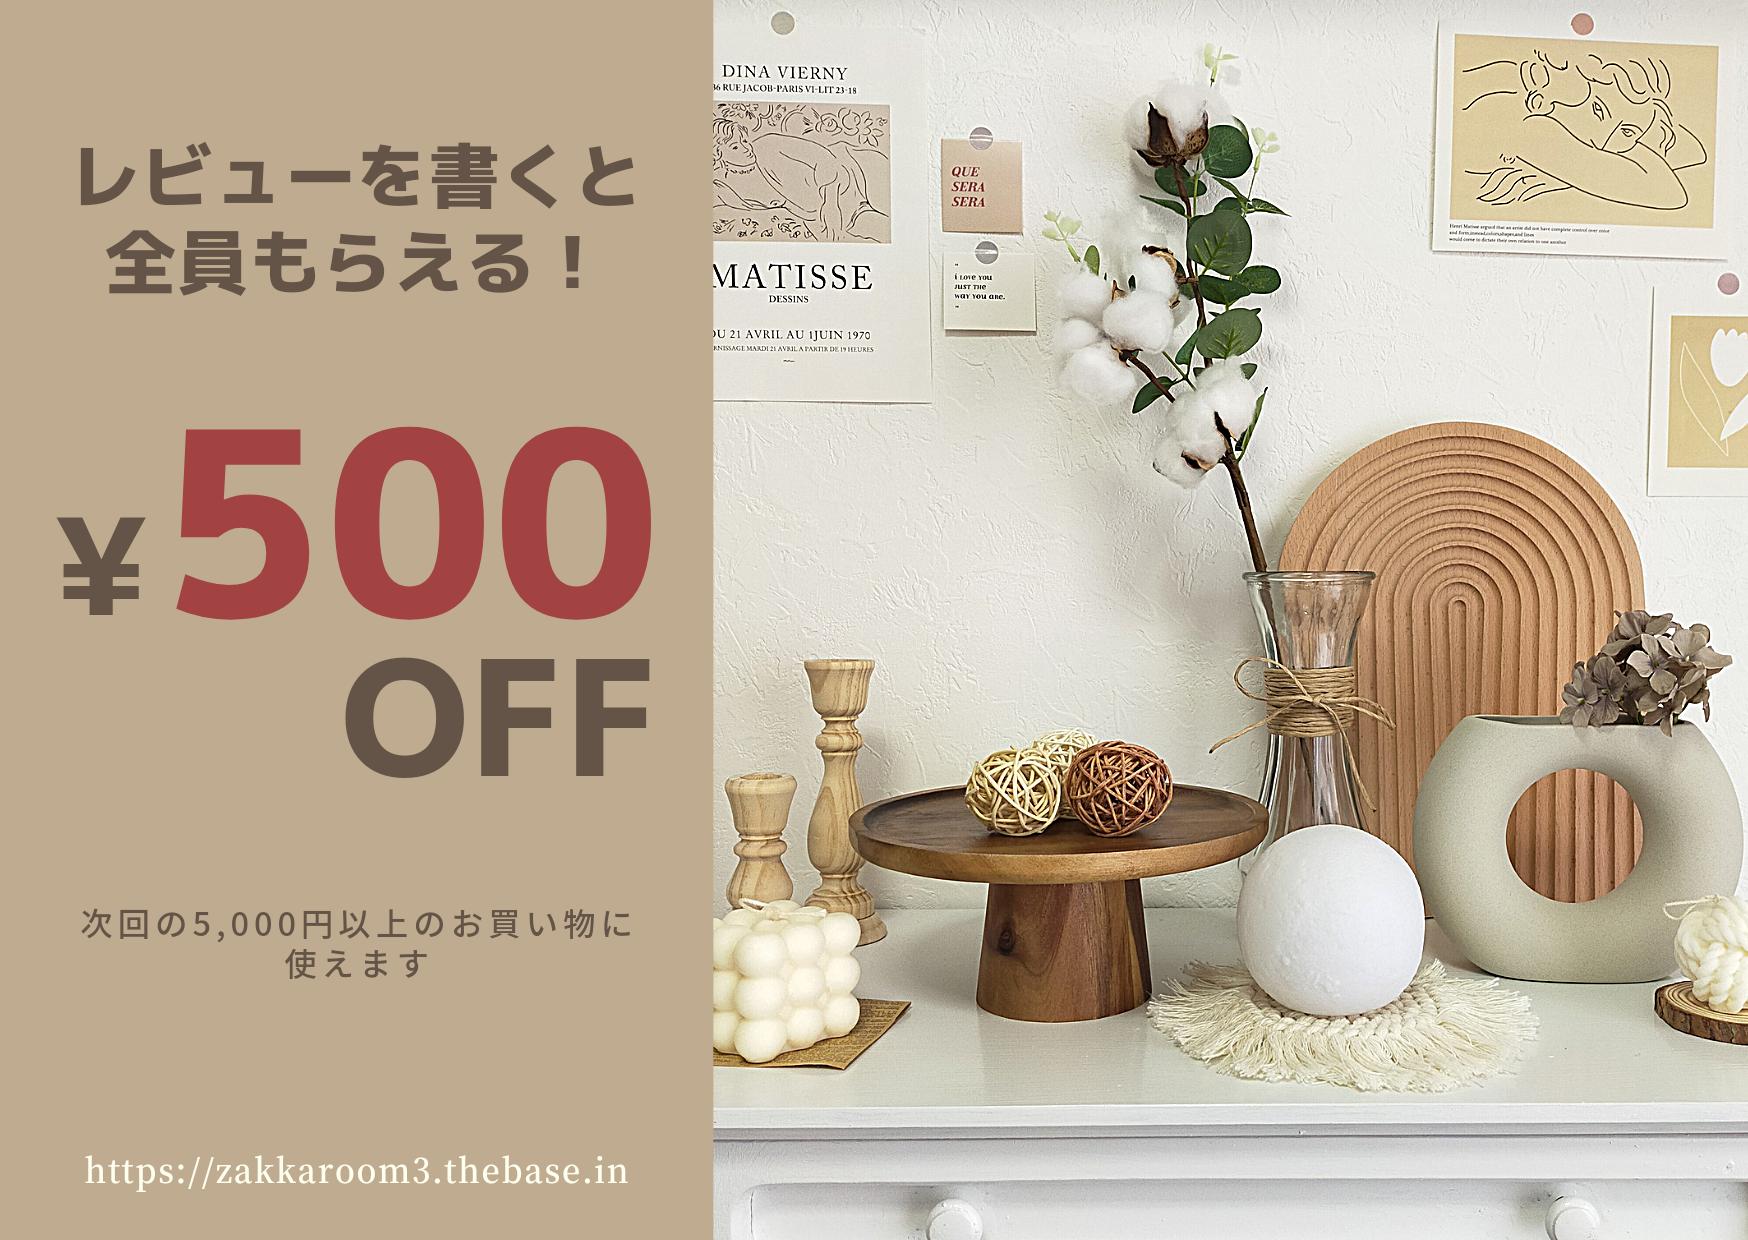 レビューを書いて500円OFFクーポンGETキャンペーン実施中!